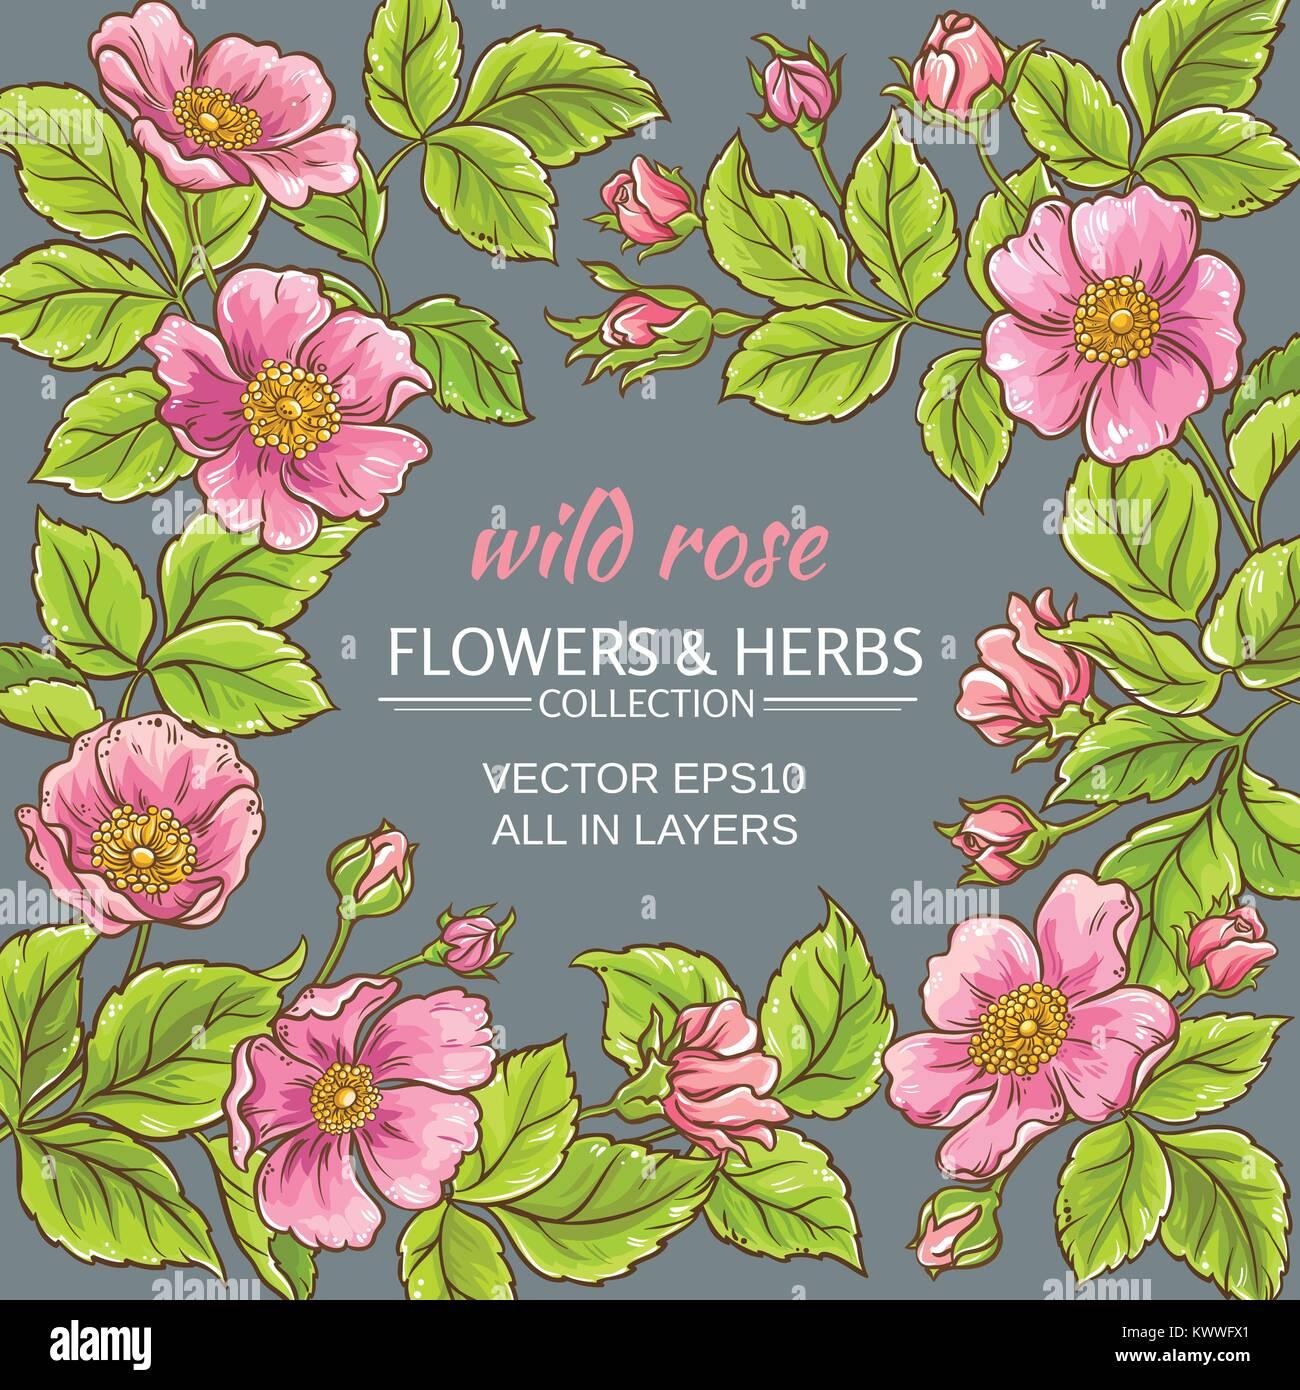 Wild Rose Blumen Rahmen auf farbigen Hintergrund Vektor Abbildung ...